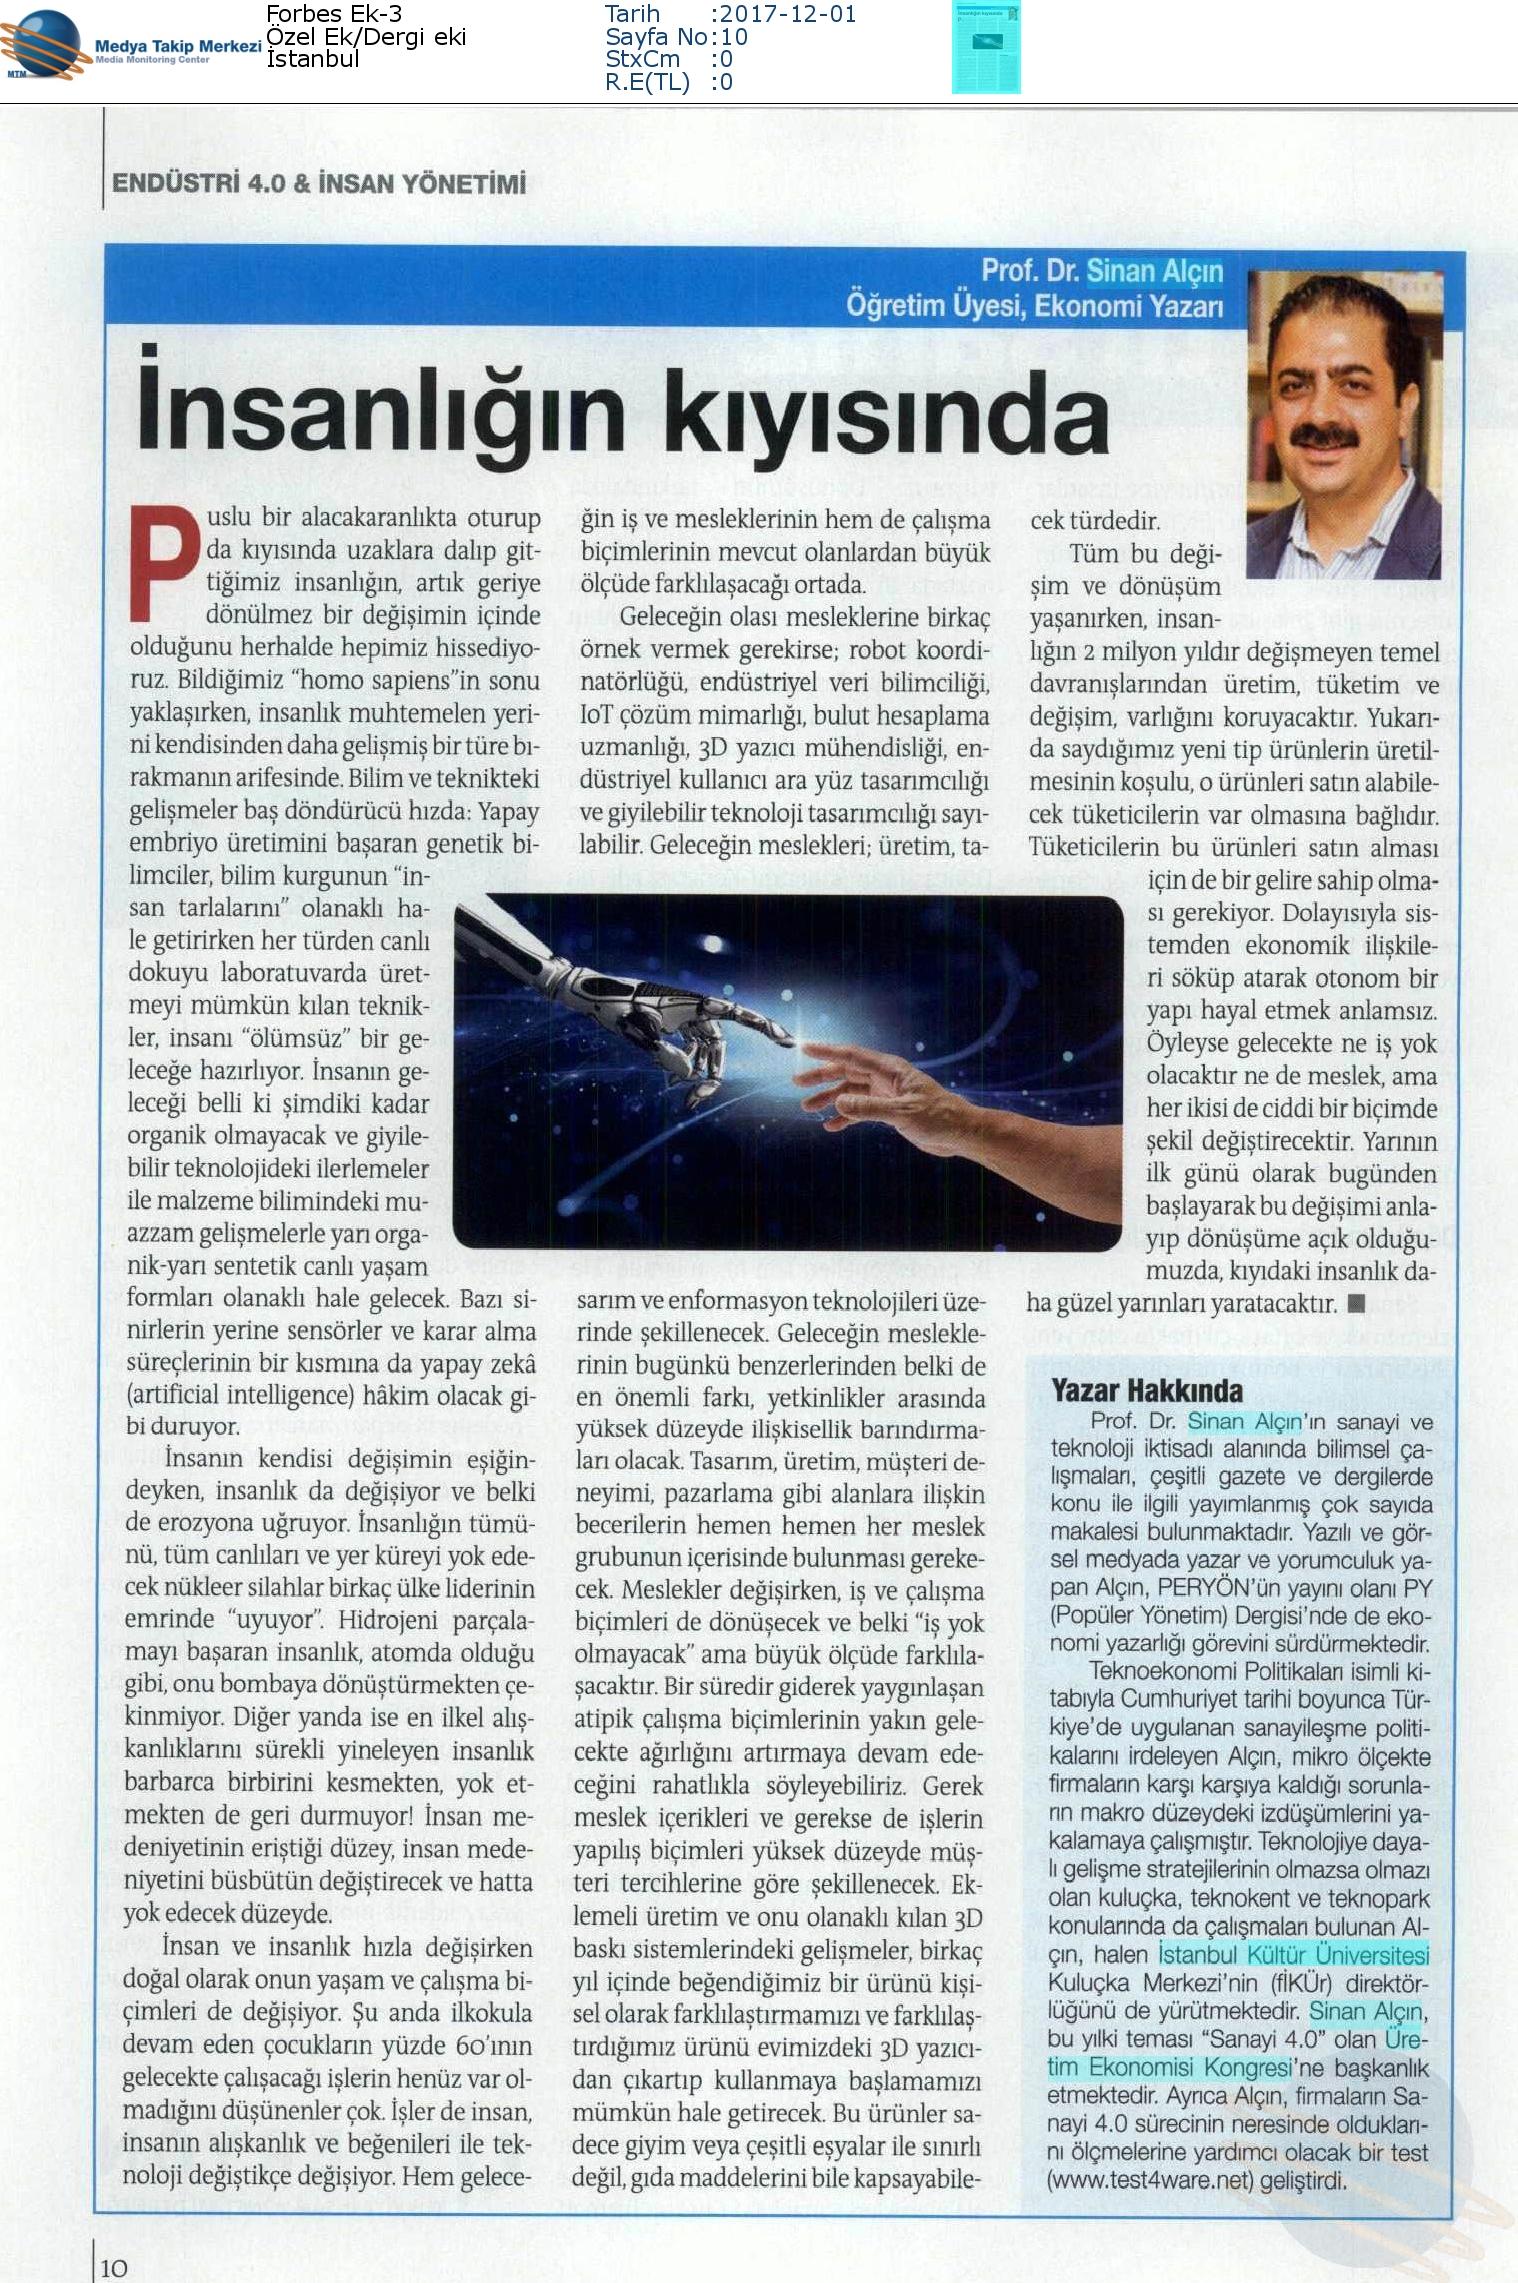 Forbes_Ek-3-İNSANLIĞIN_KIYISINDA-01.12.2017